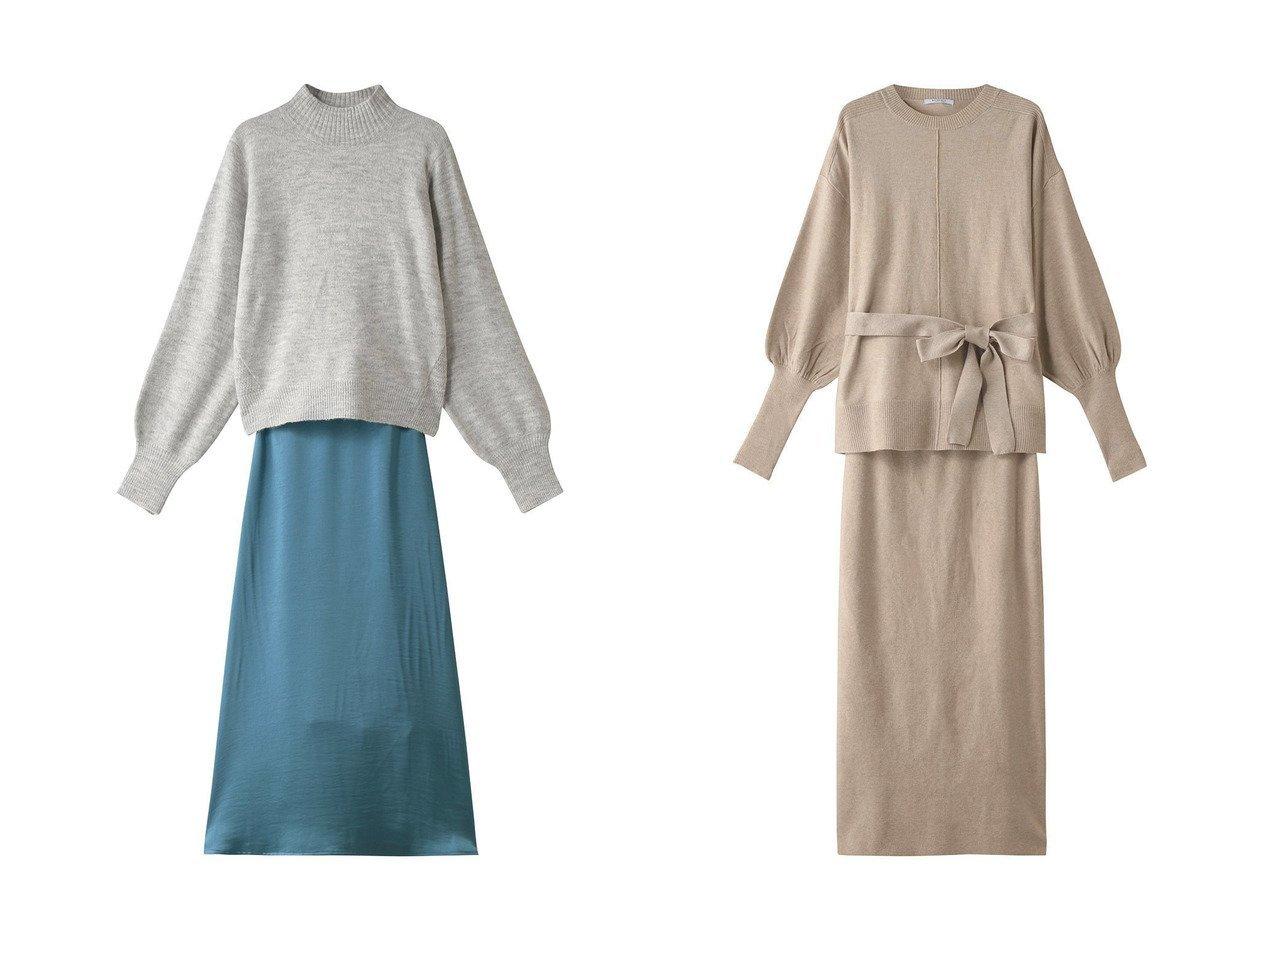 【Ezick/エジック】のサテンスカートニットセット&【ROSE BUD/ローズバッド】のニット&スカートセットアップ ワンピース・ドレスのおすすめ!人気、トレンド・レディースファッションの通販 おすすめで人気の流行・トレンド、ファッションの通販商品 メンズファッション・キッズファッション・インテリア・家具・レディースファッション・服の通販 founy(ファニー) https://founy.com/ ファッション Fashion レディースファッション WOMEN スカート Skirt ロングスカート Long Skirt セットアップ Setup スカート Skirt サテン トレンド ロング |ID:crp329100000009370